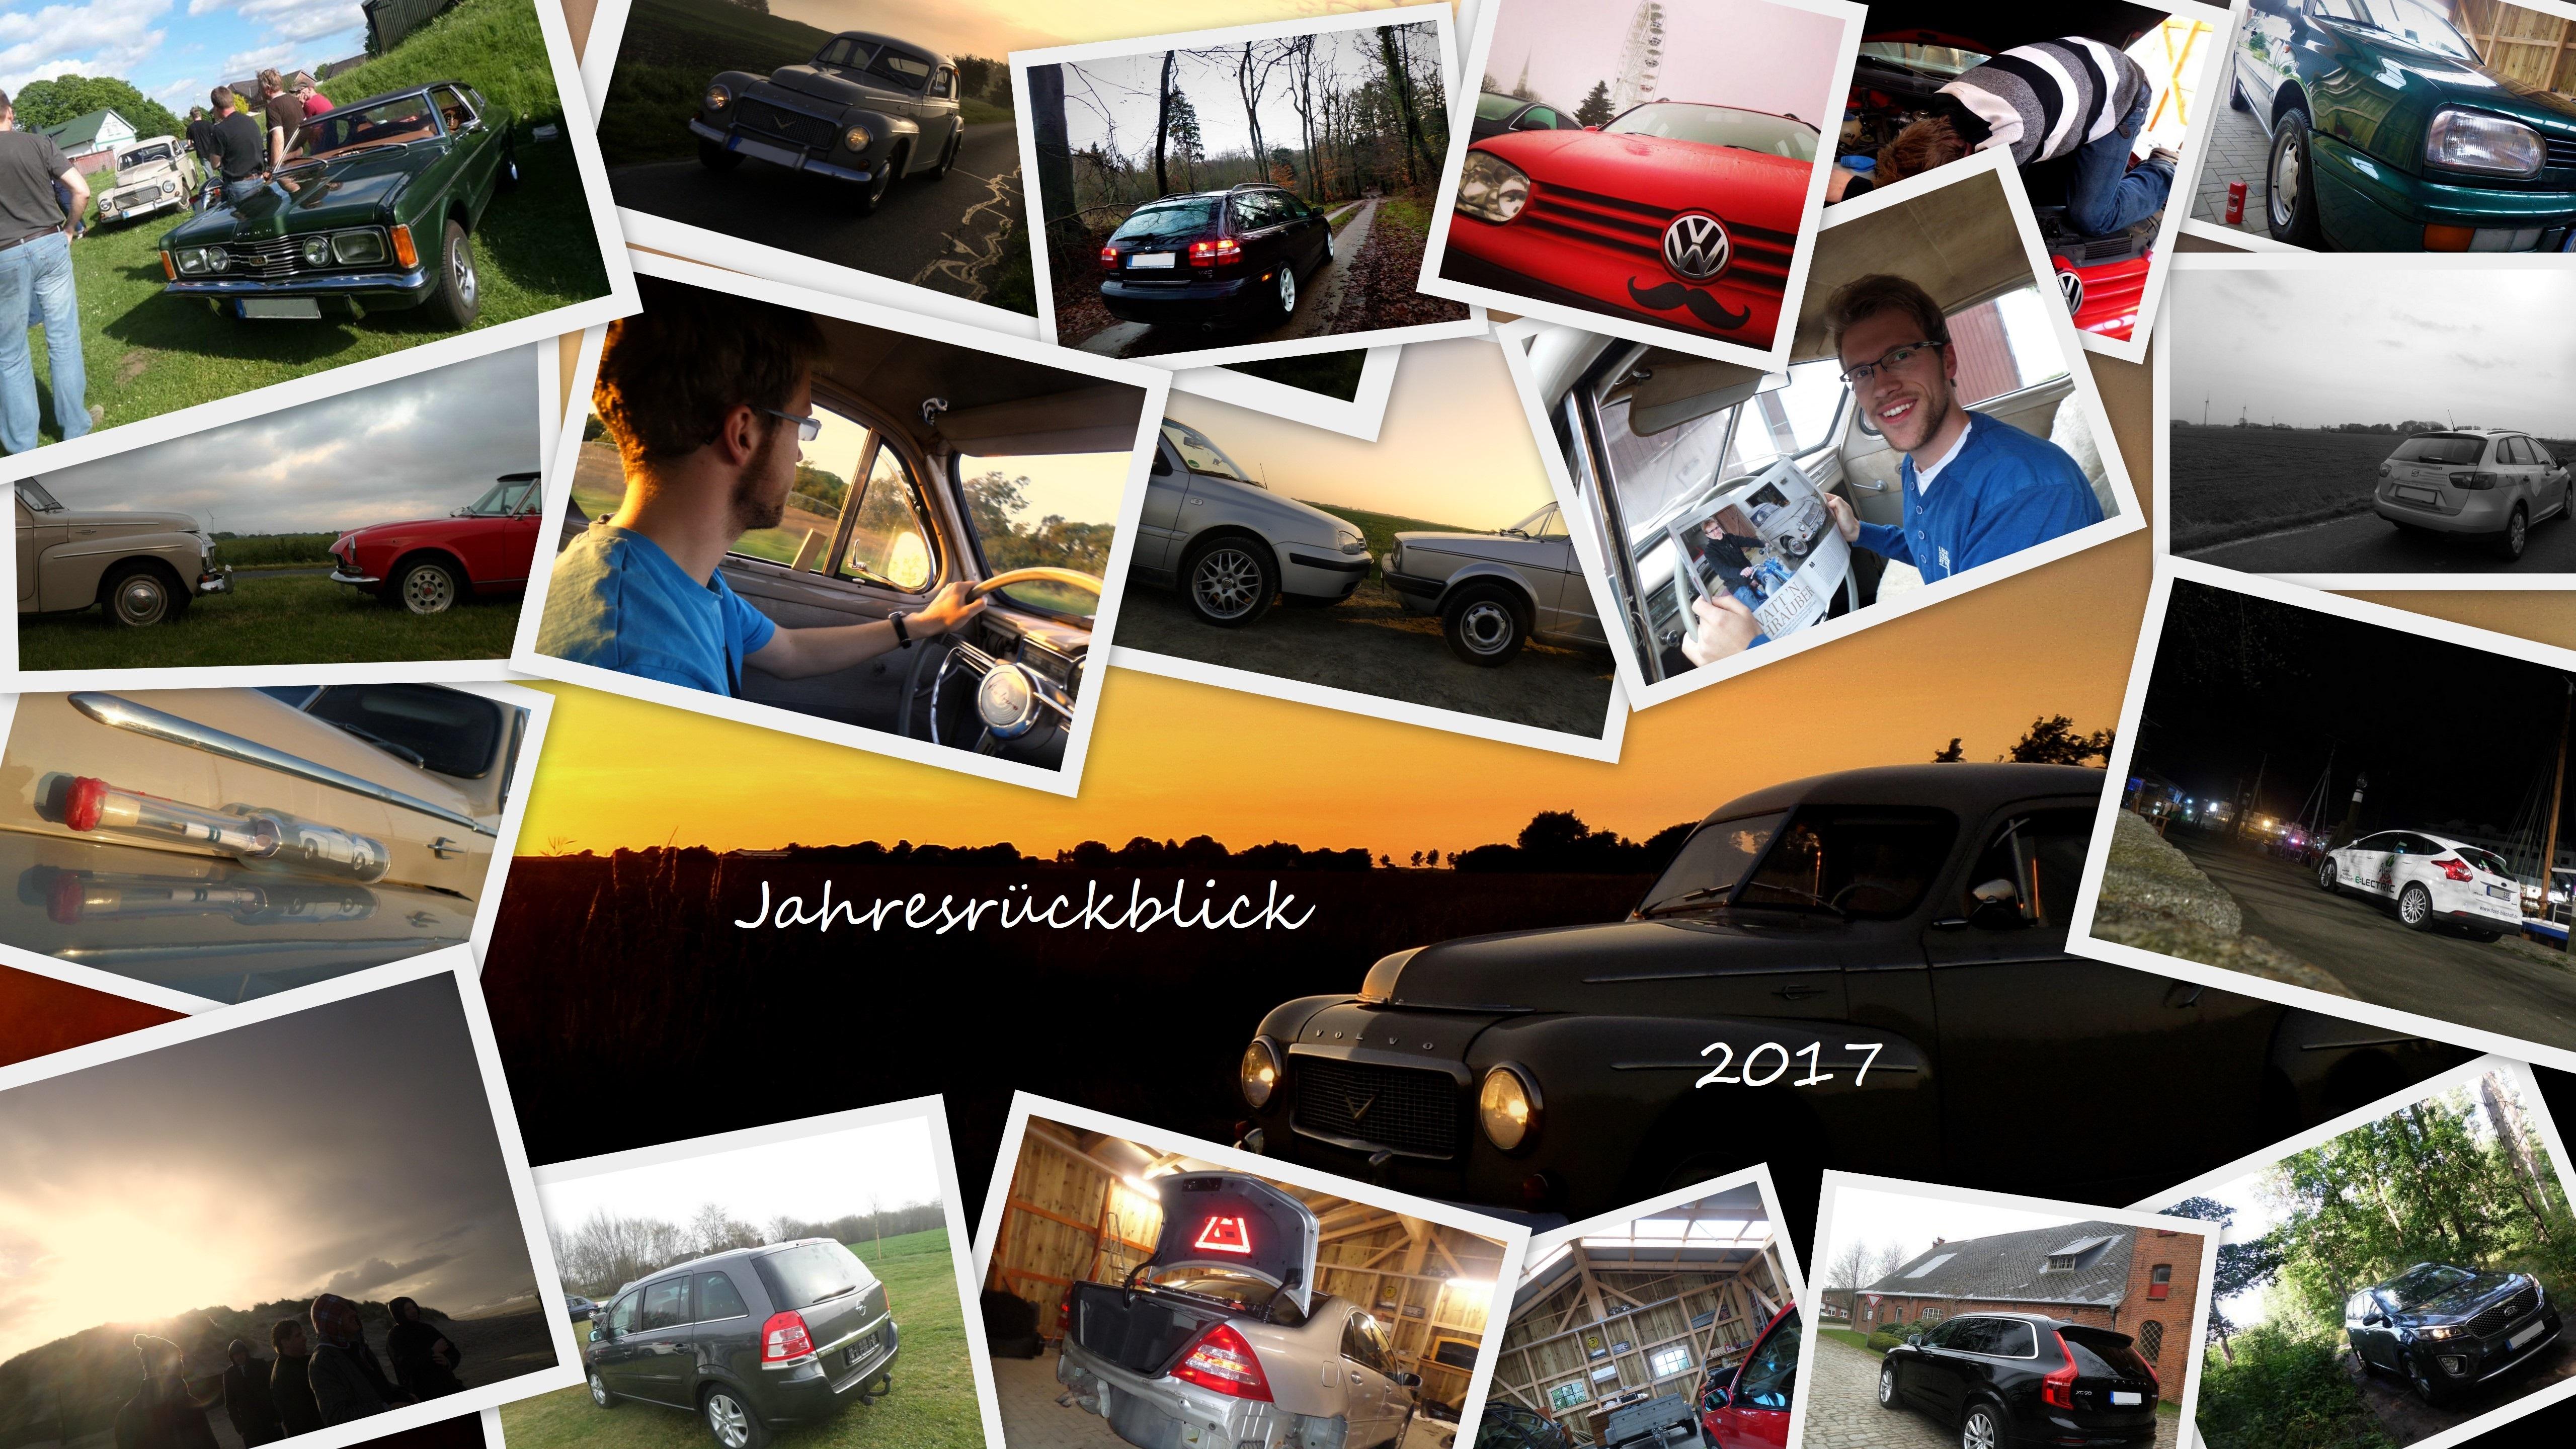 Jahresrückblick 2017v1